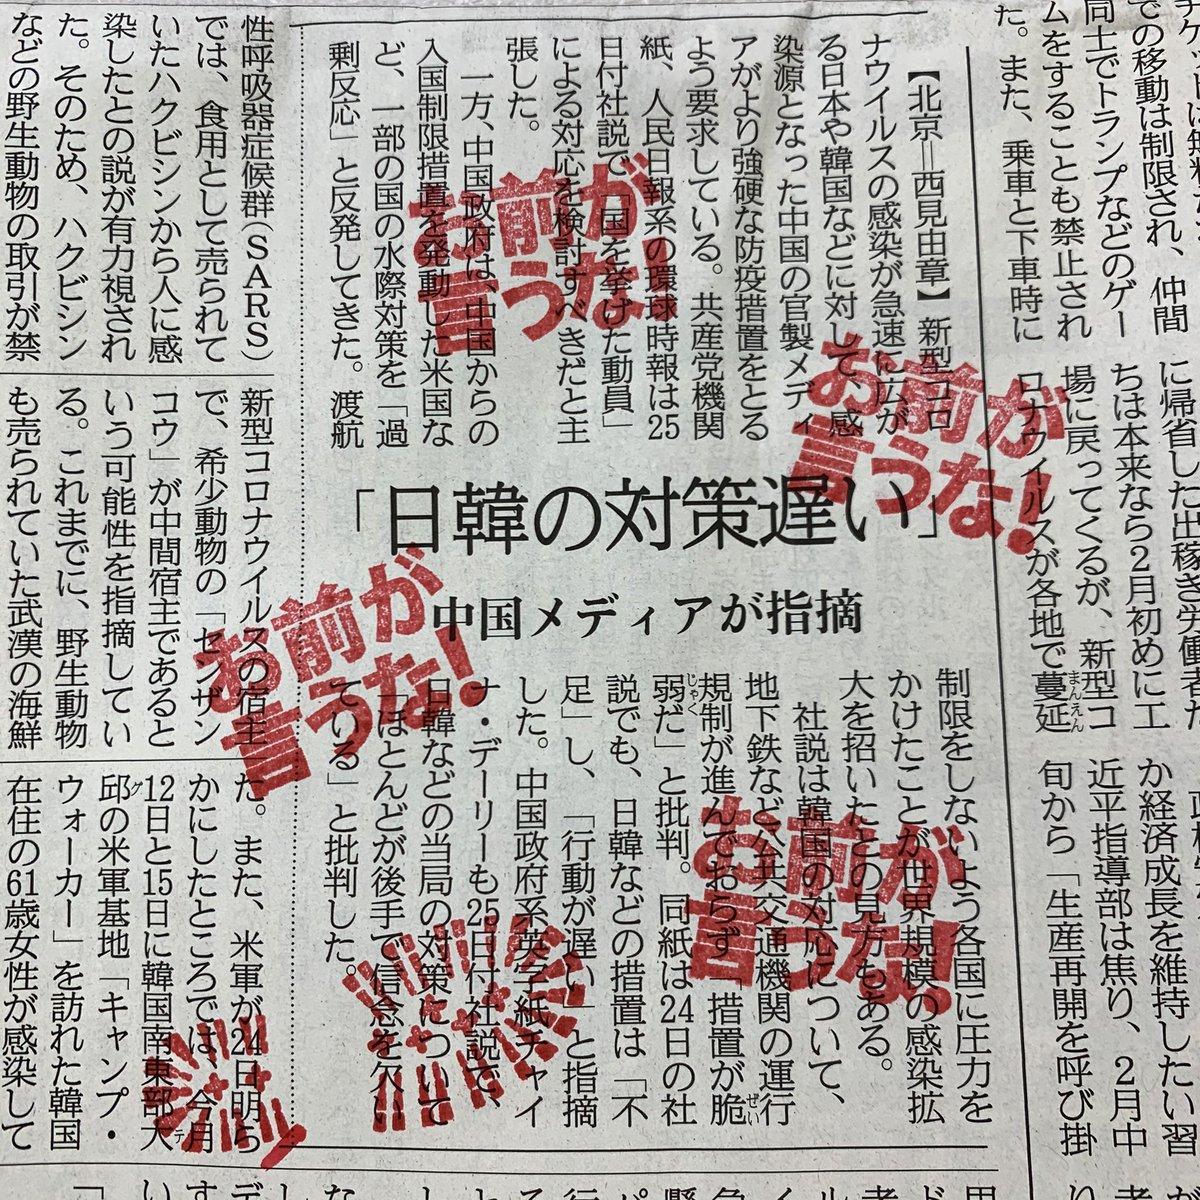 「日韓の対策遅い」中国メディアが指摘(産経新聞)